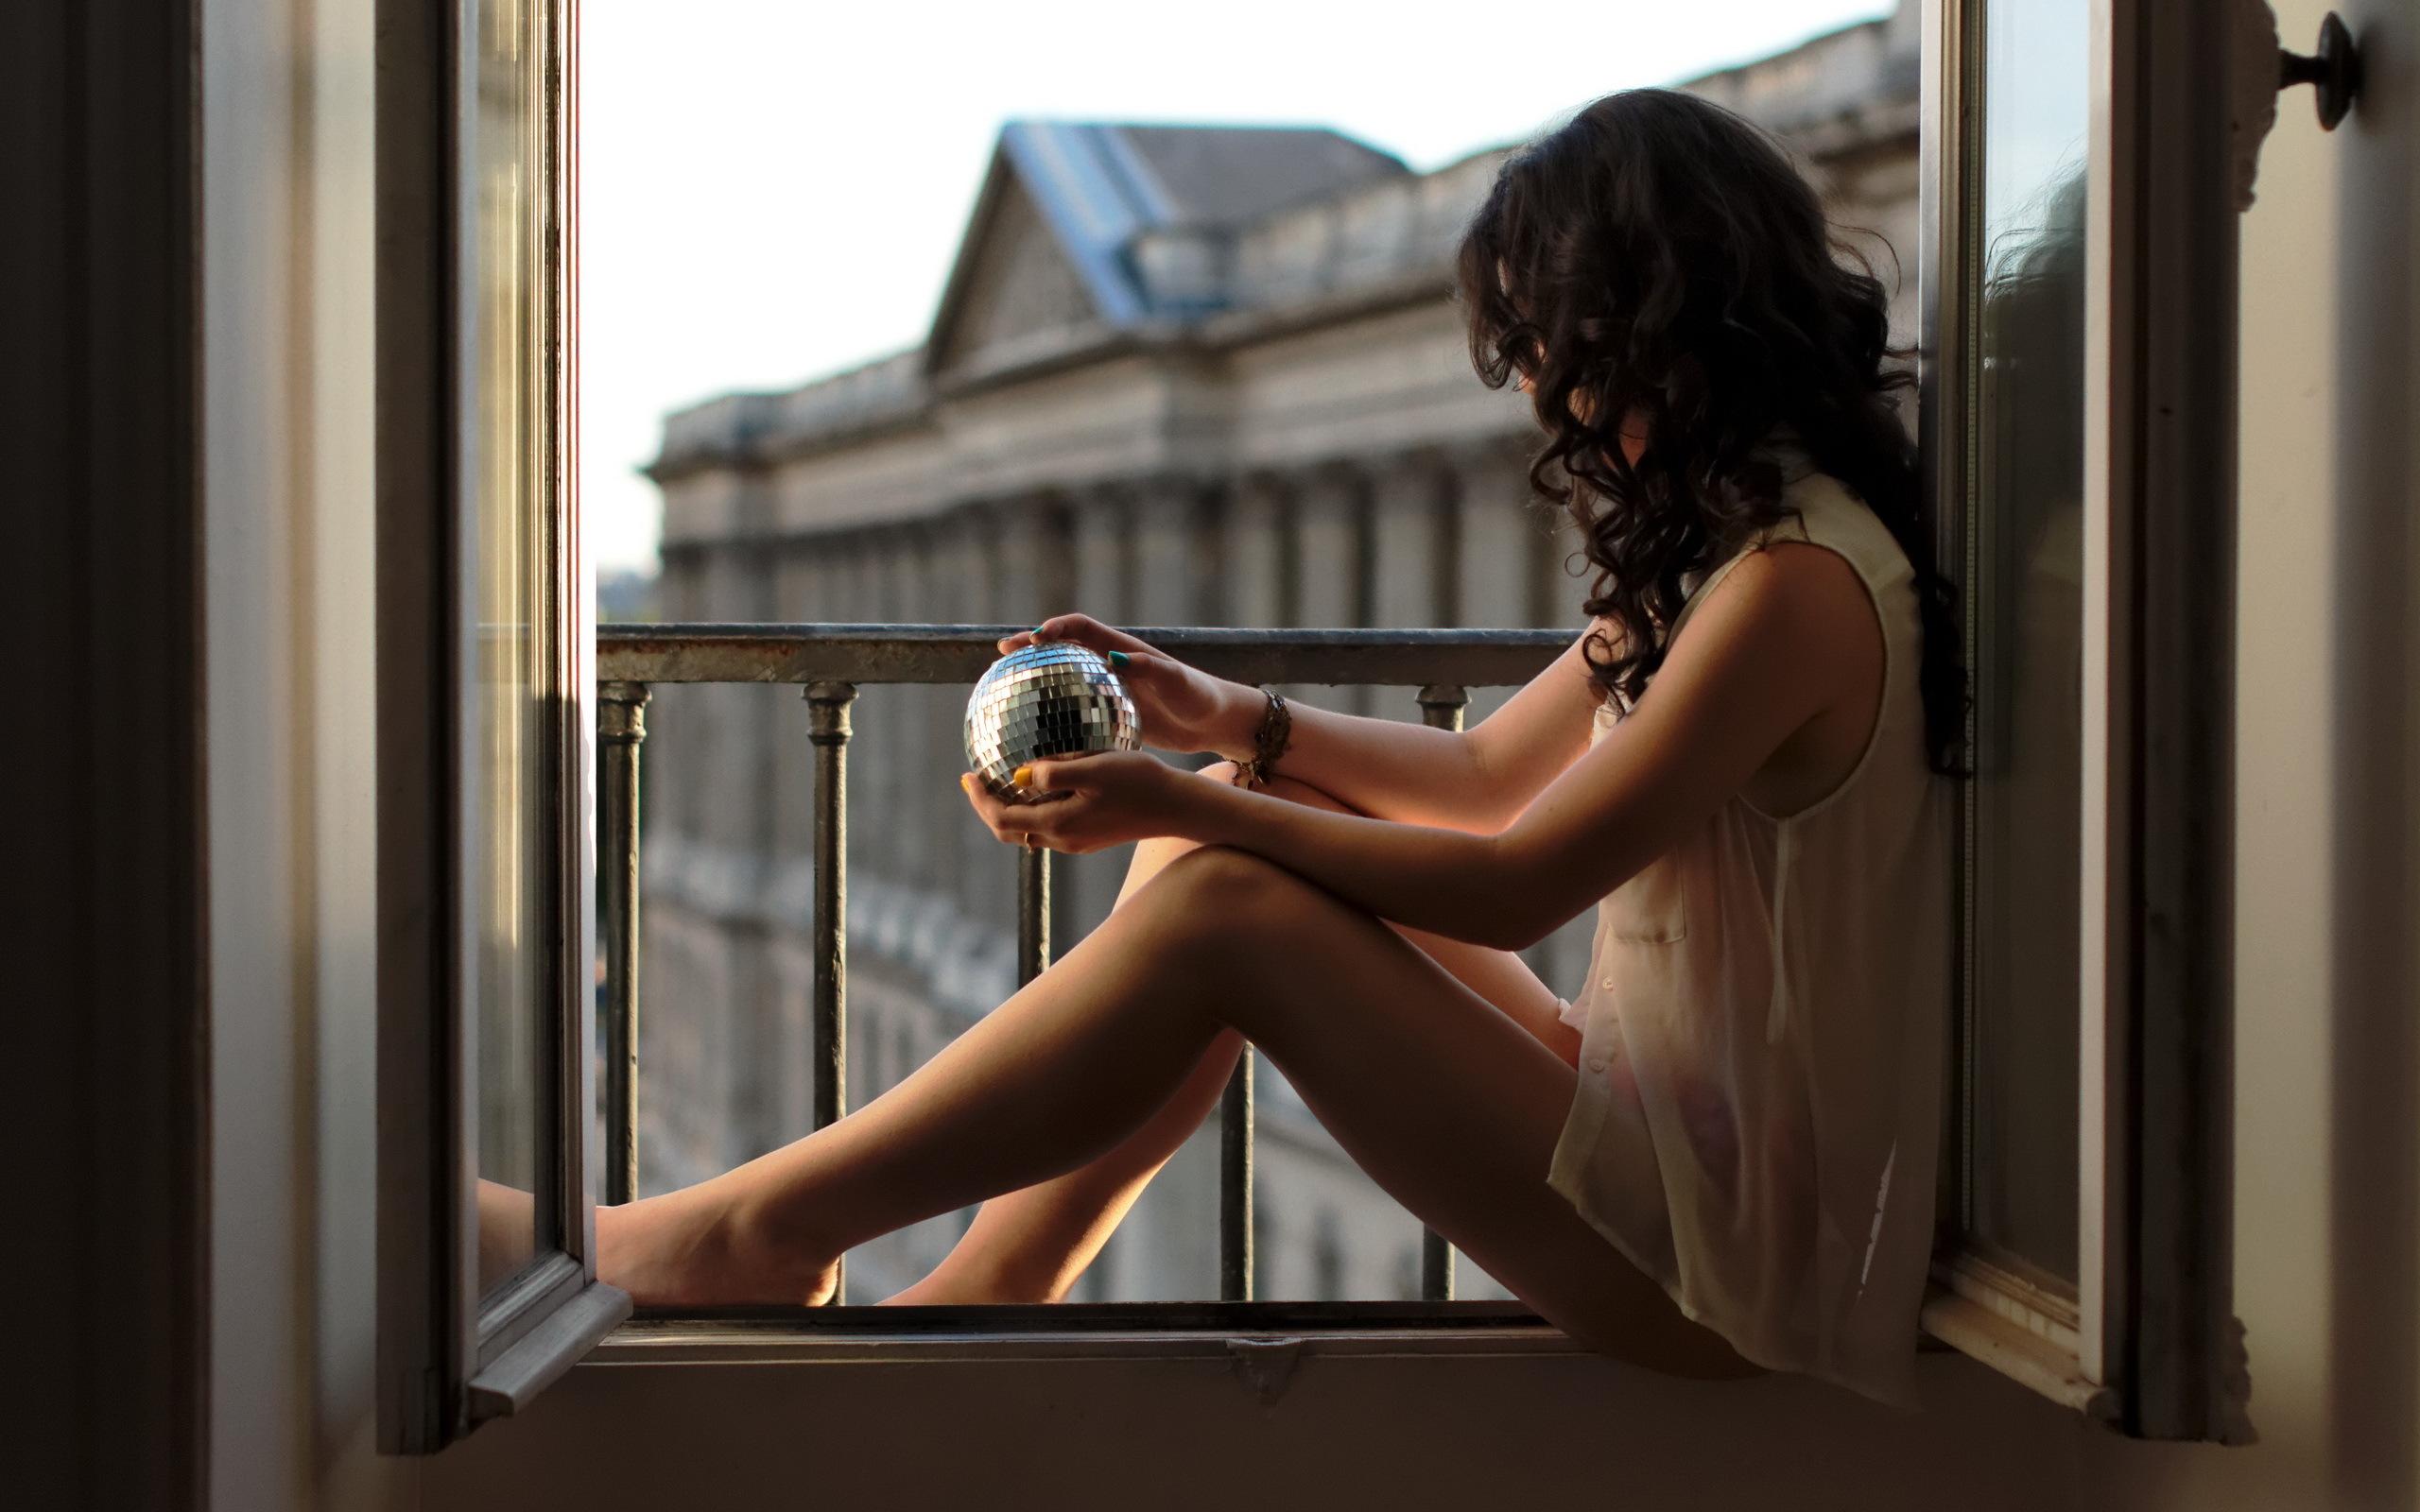 красотка,окно,сидит,кофе  № 418257 без смс